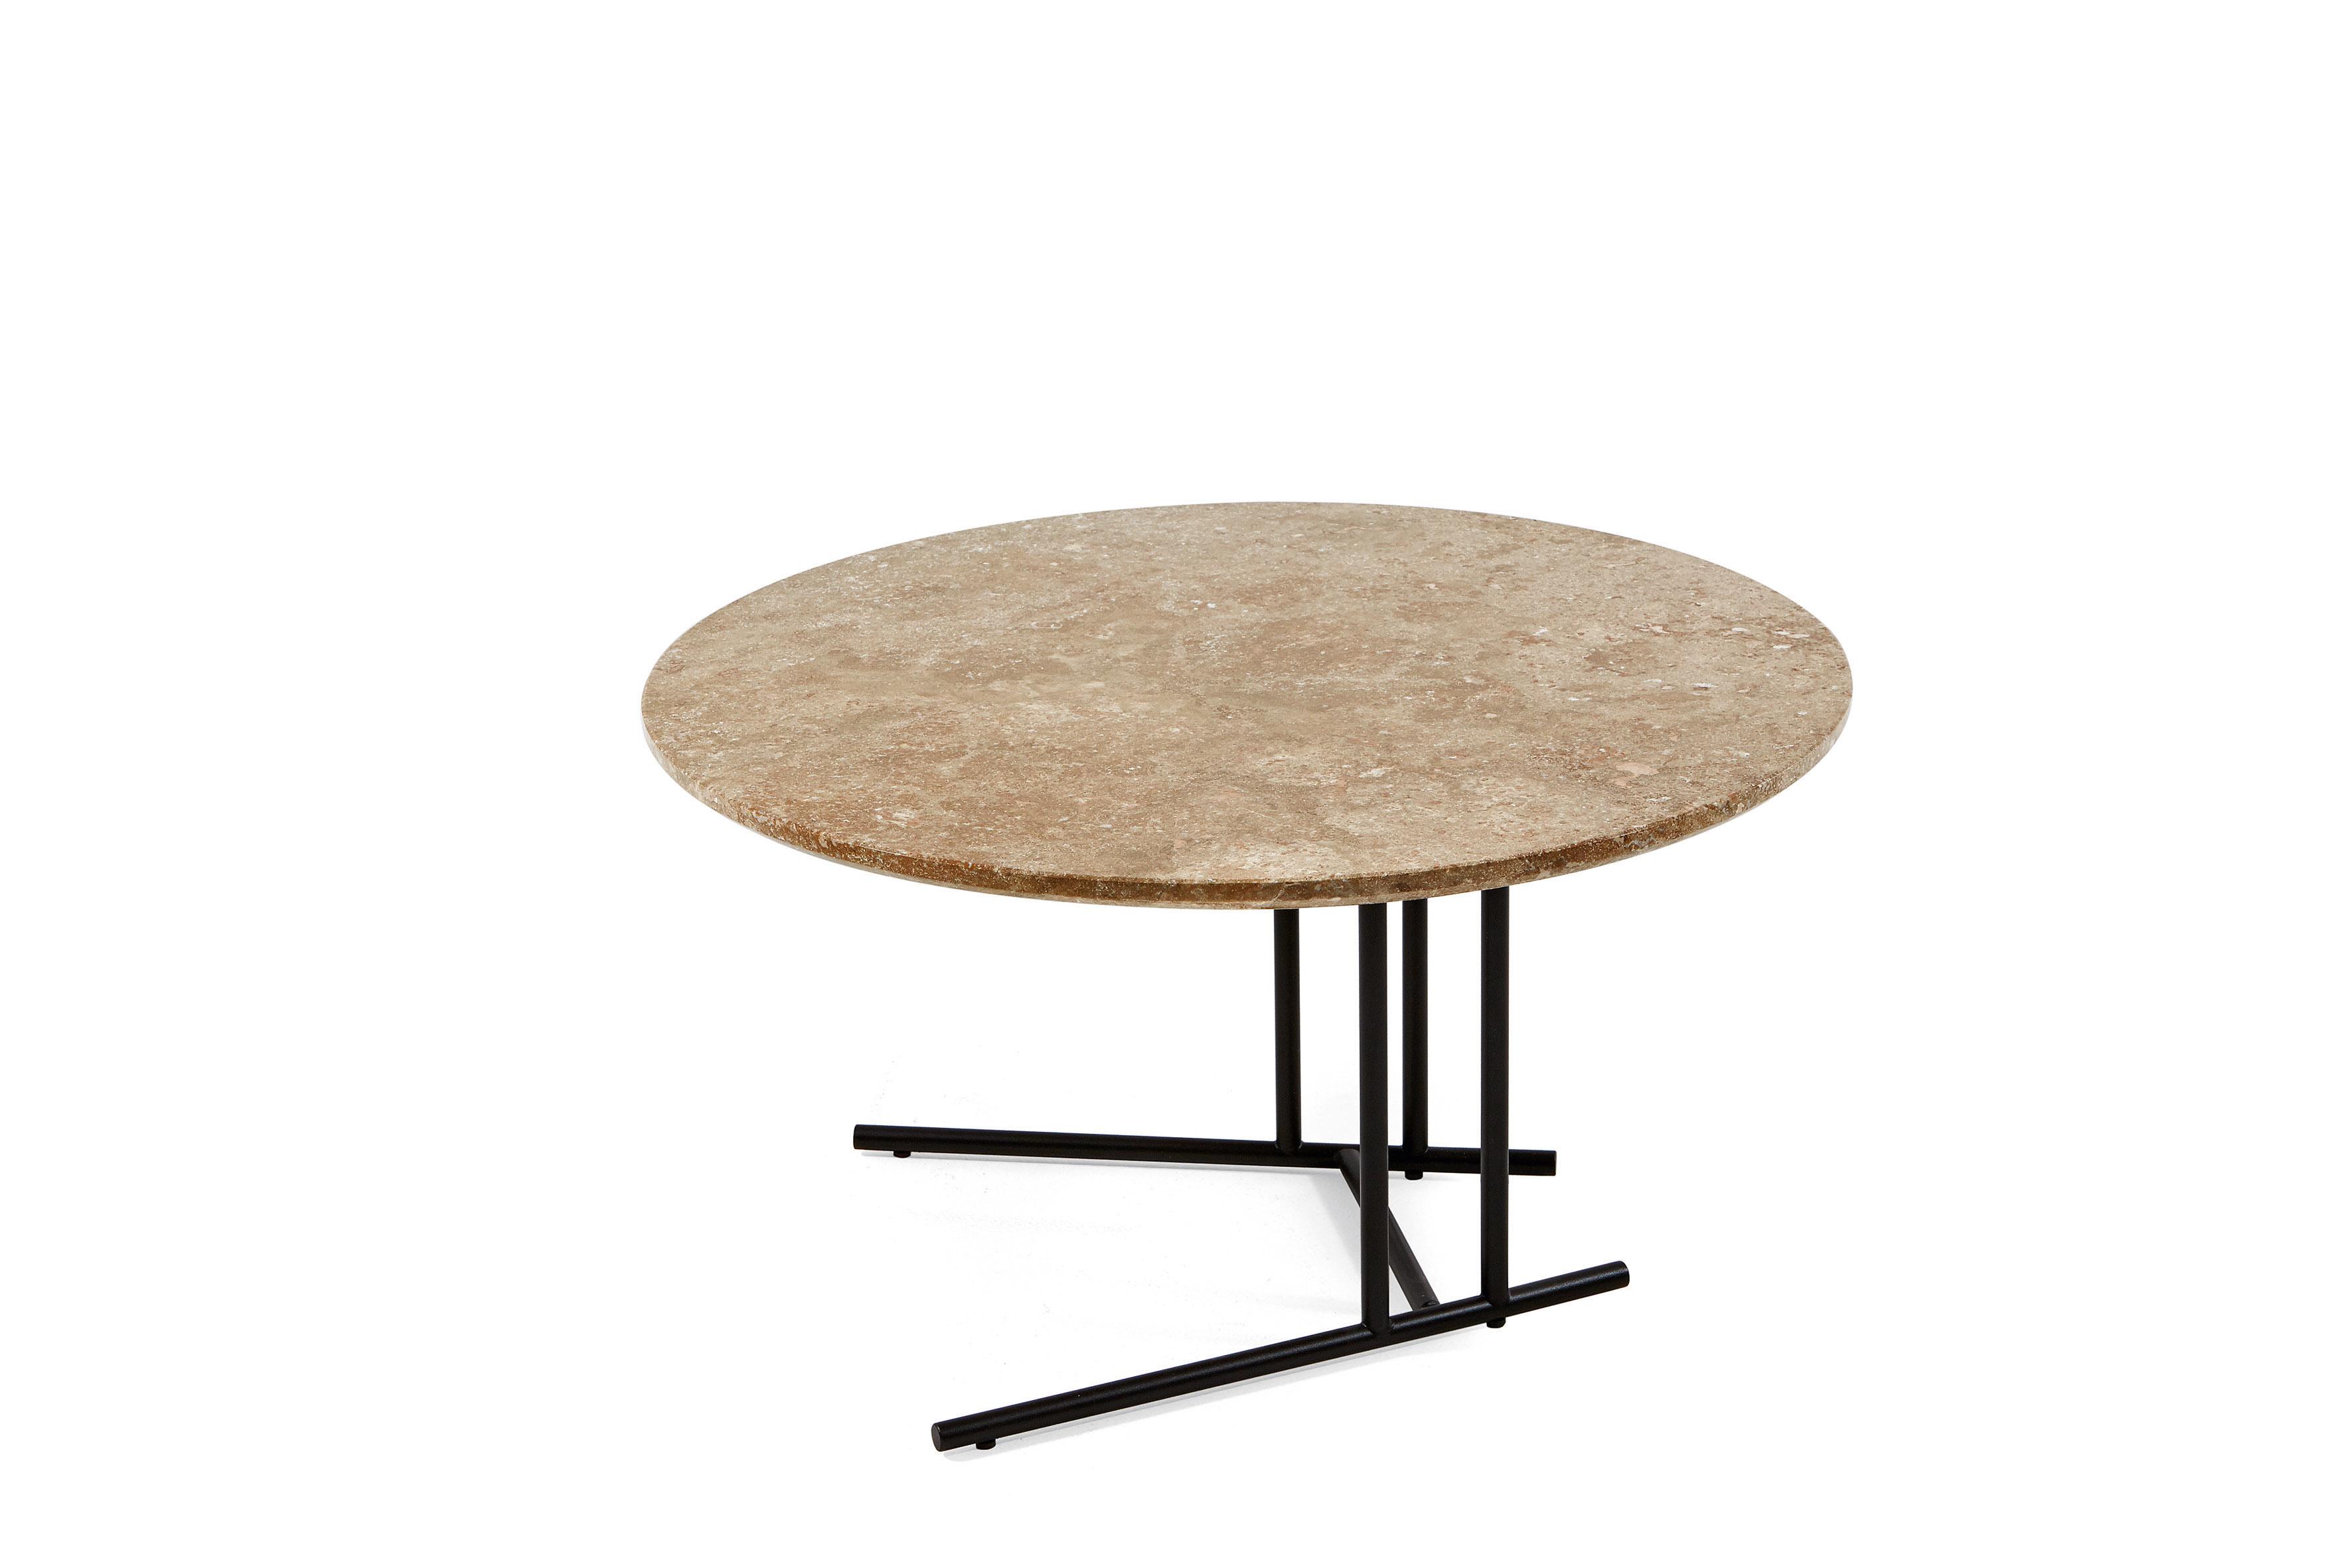 Colorado outdoor low table